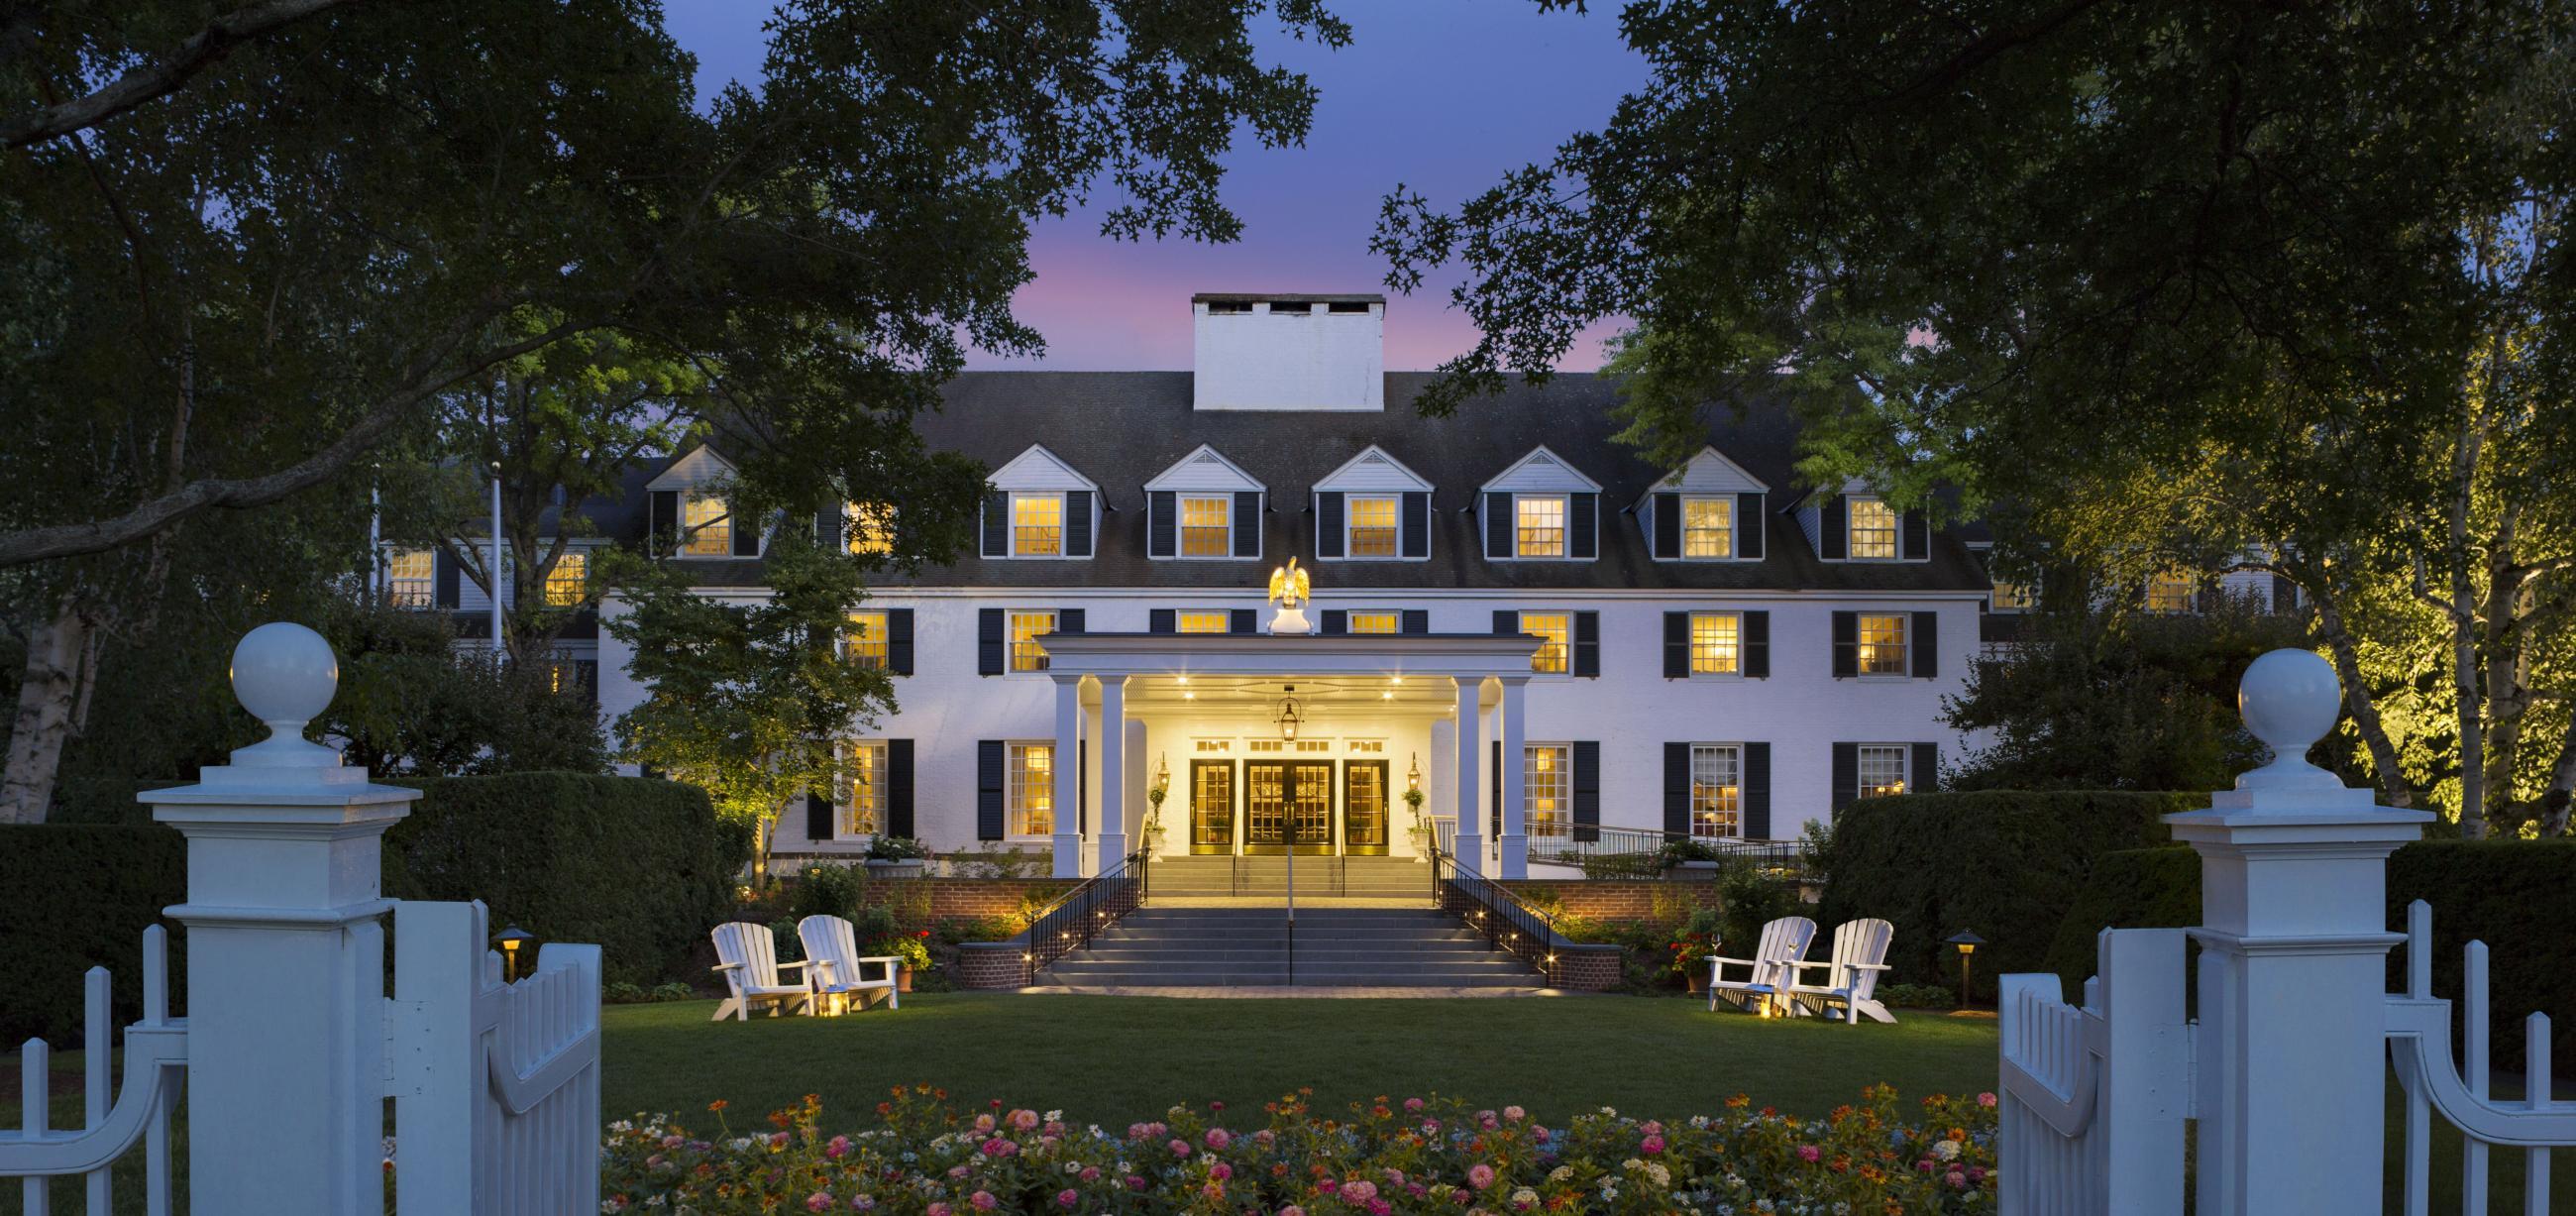 The Woodstock Inn & Resort - A Luxury Woodstock VT Resort